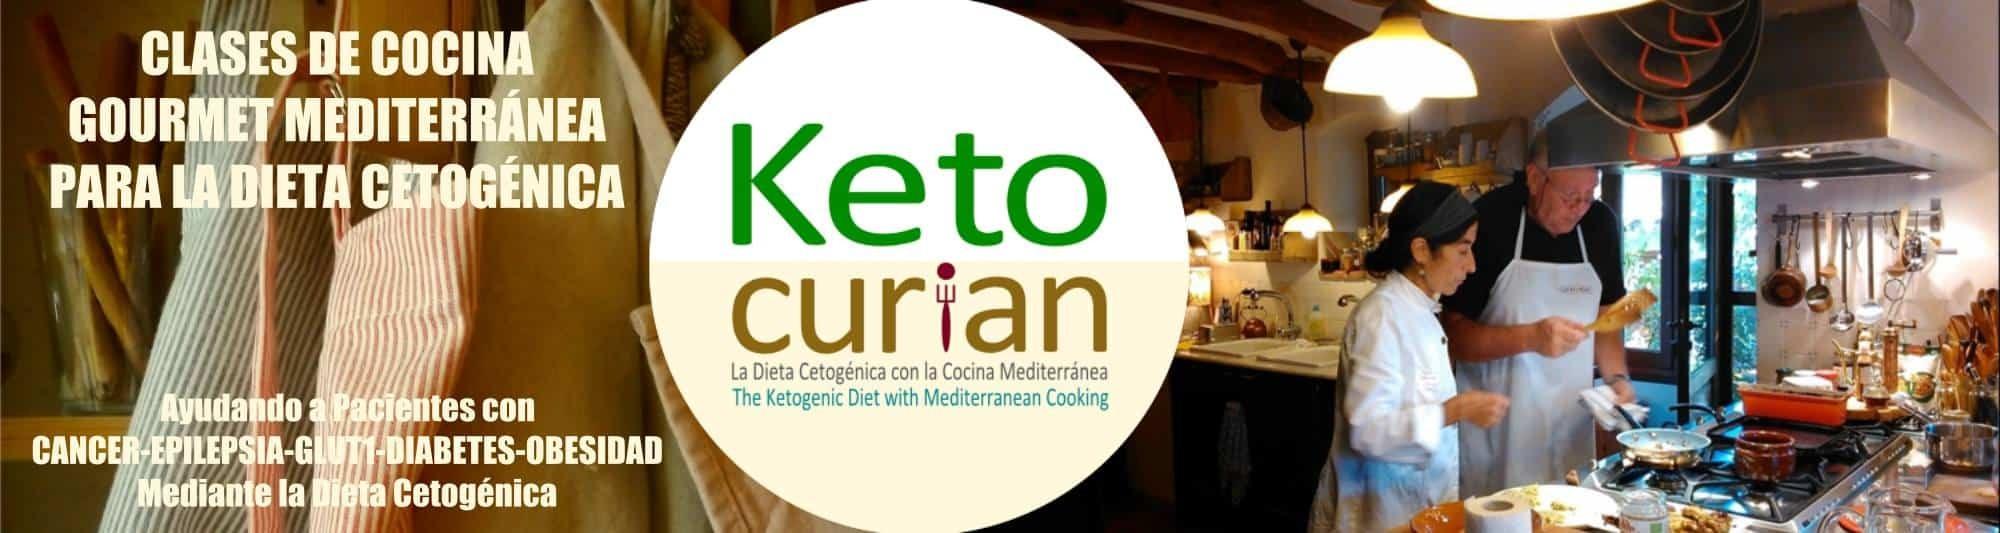 Ketocurian Cocina para la Dieta Cetogénica Gourmet